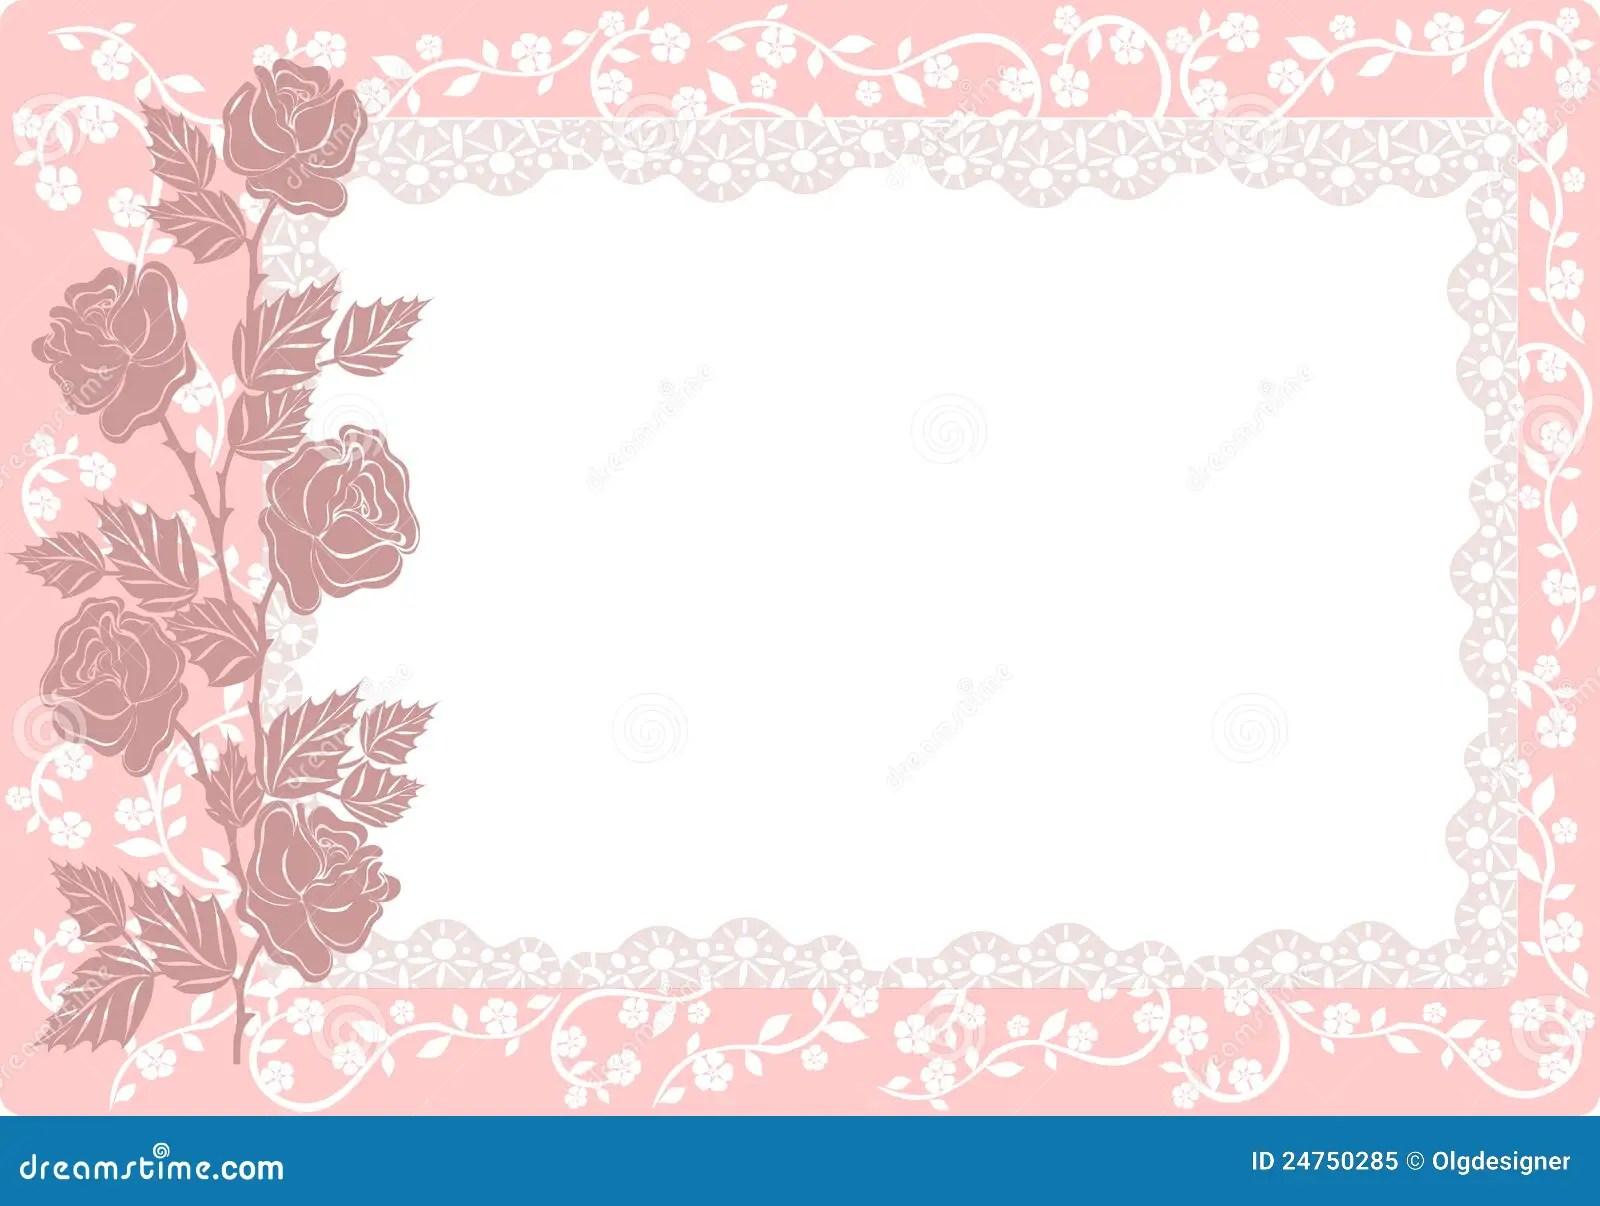 Verzierung Mit Rosen Vektor Lizenzfreies Stockfoto